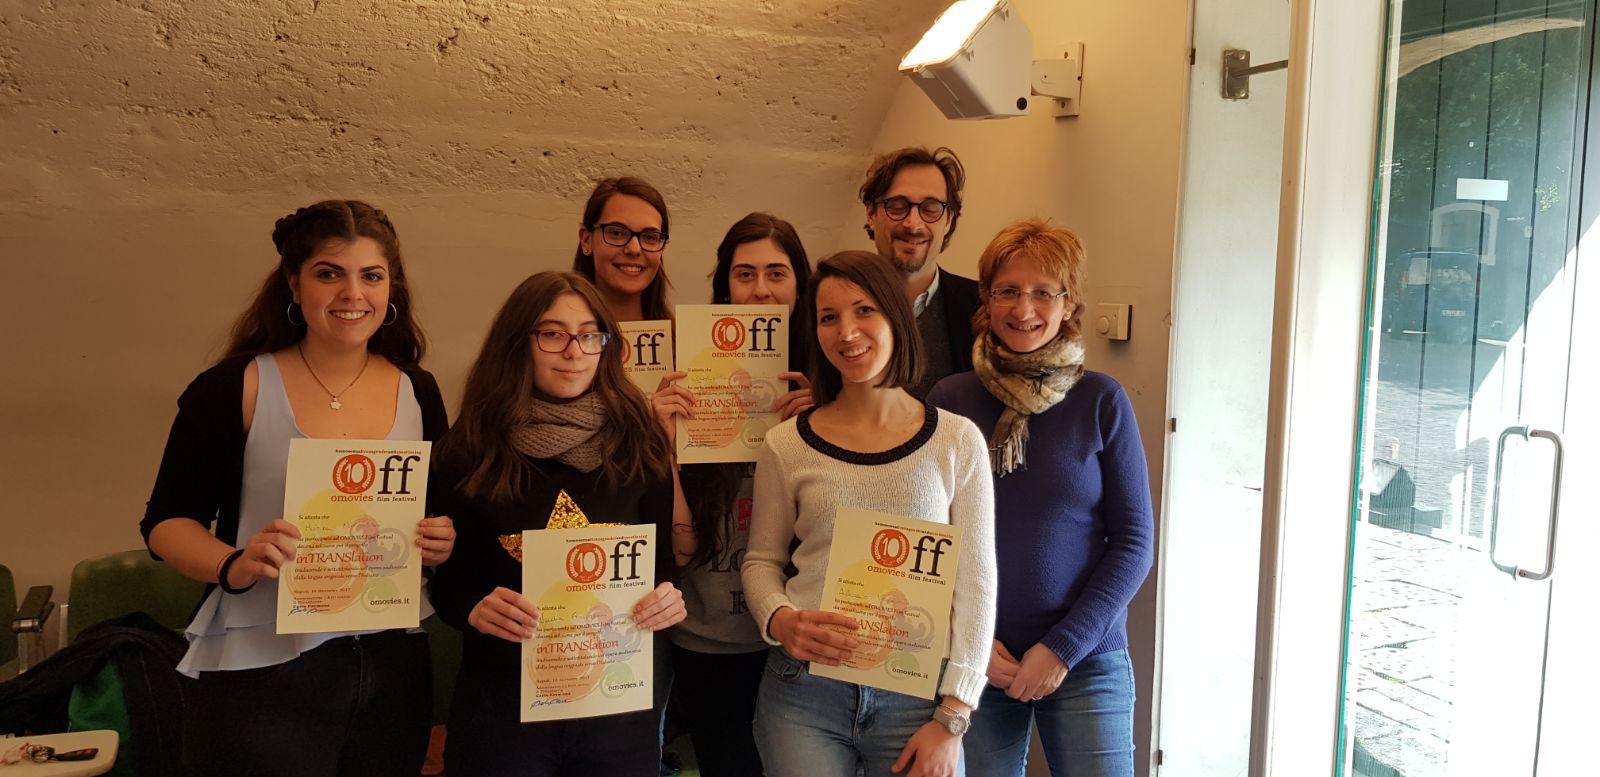 Off10 – #inTranslation foto consegna attestati #studenti #lingue #uni #catania